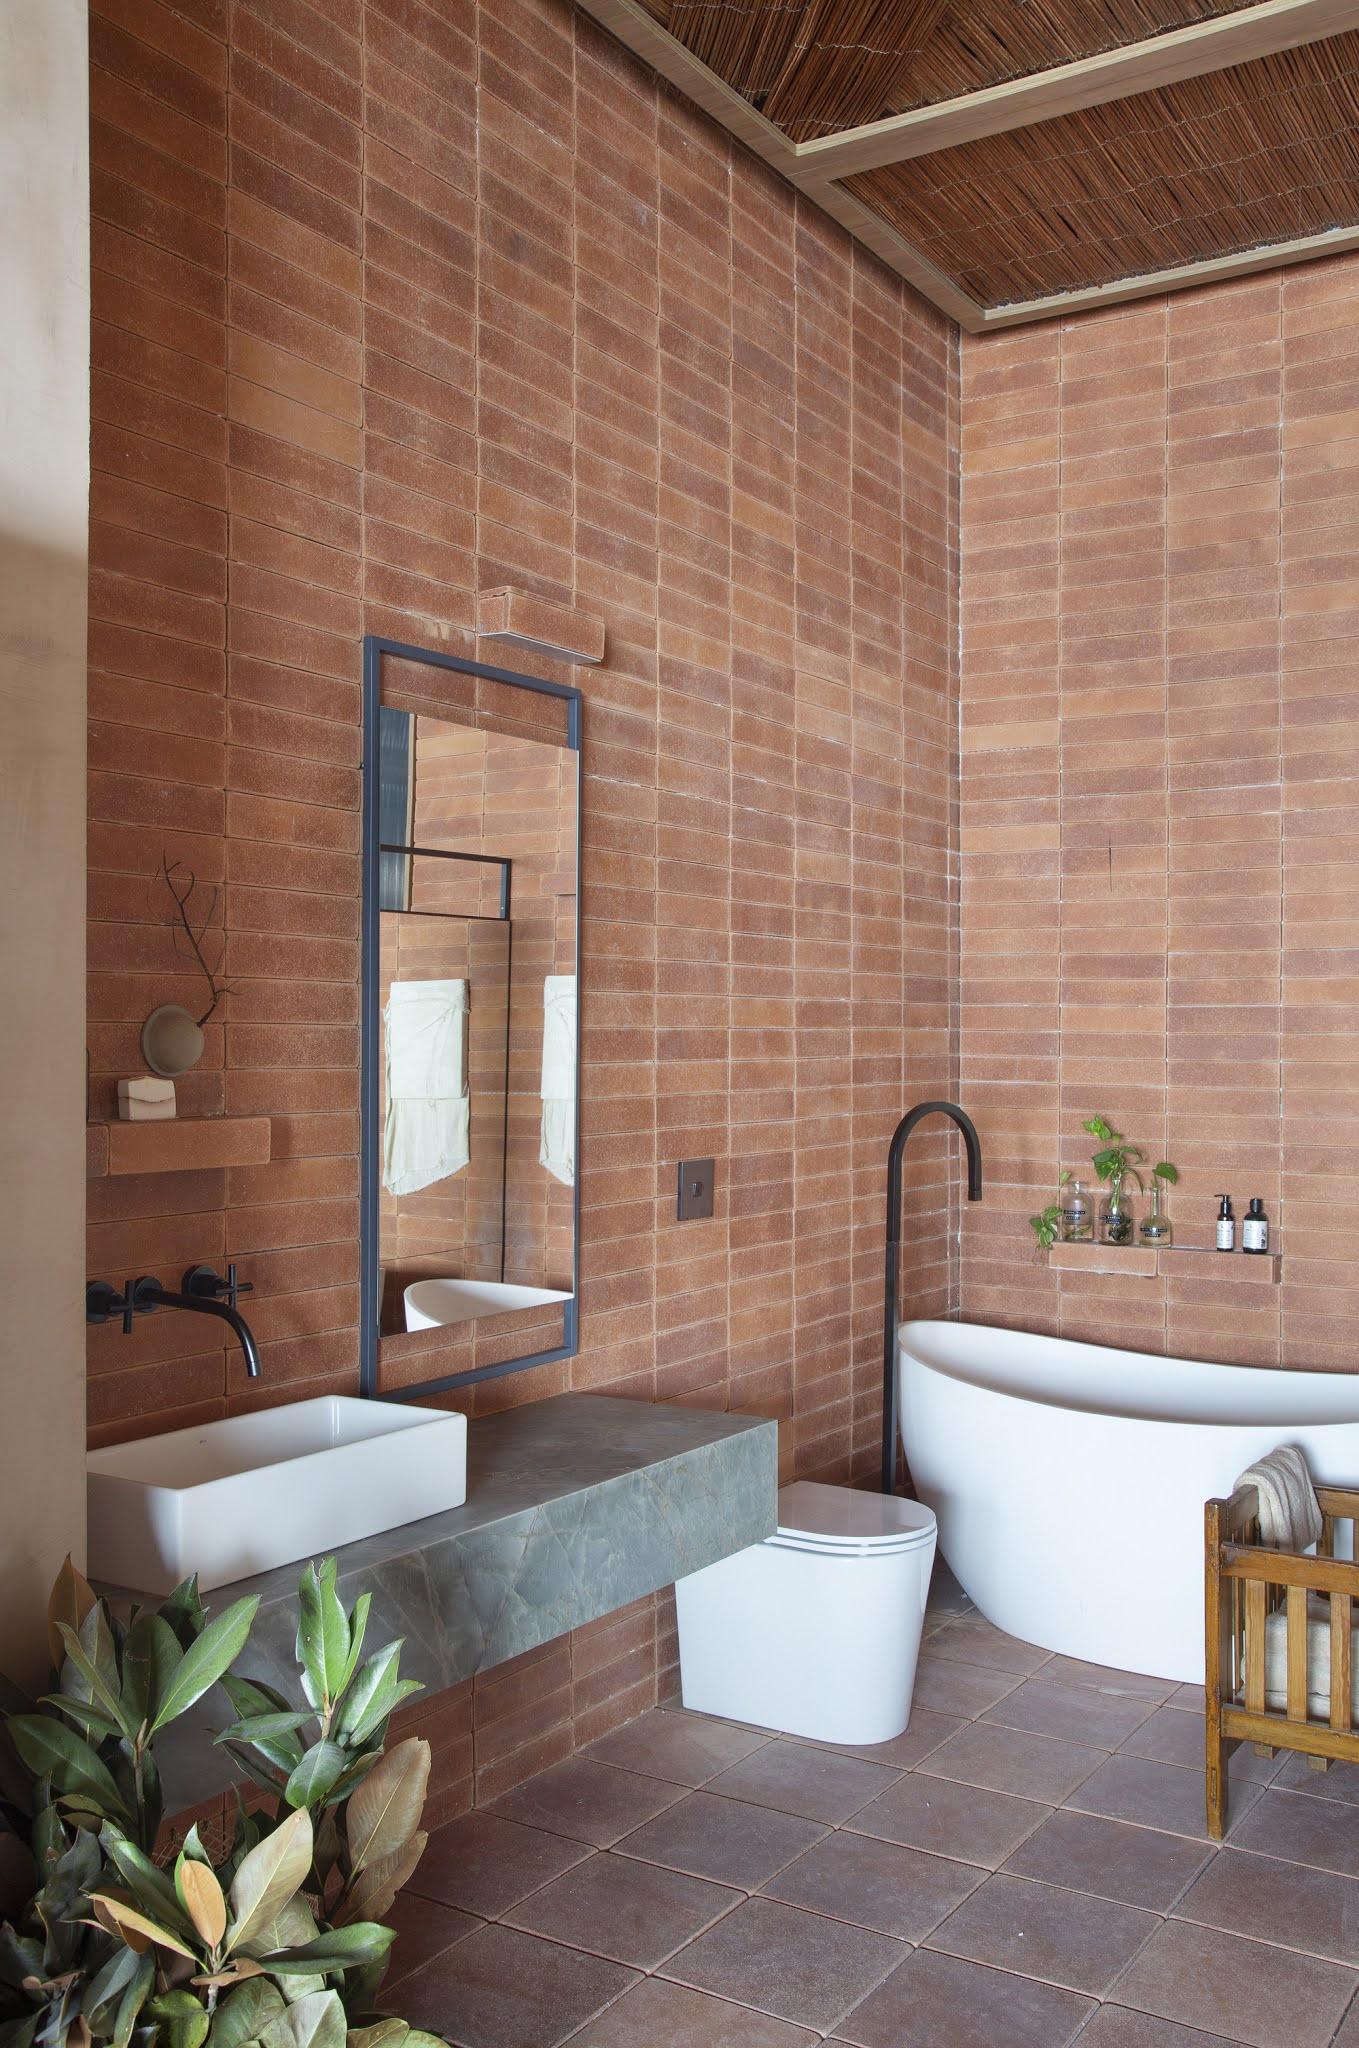 ilaria fatone inspirations une salle de bains en briques terrecuite apparentes